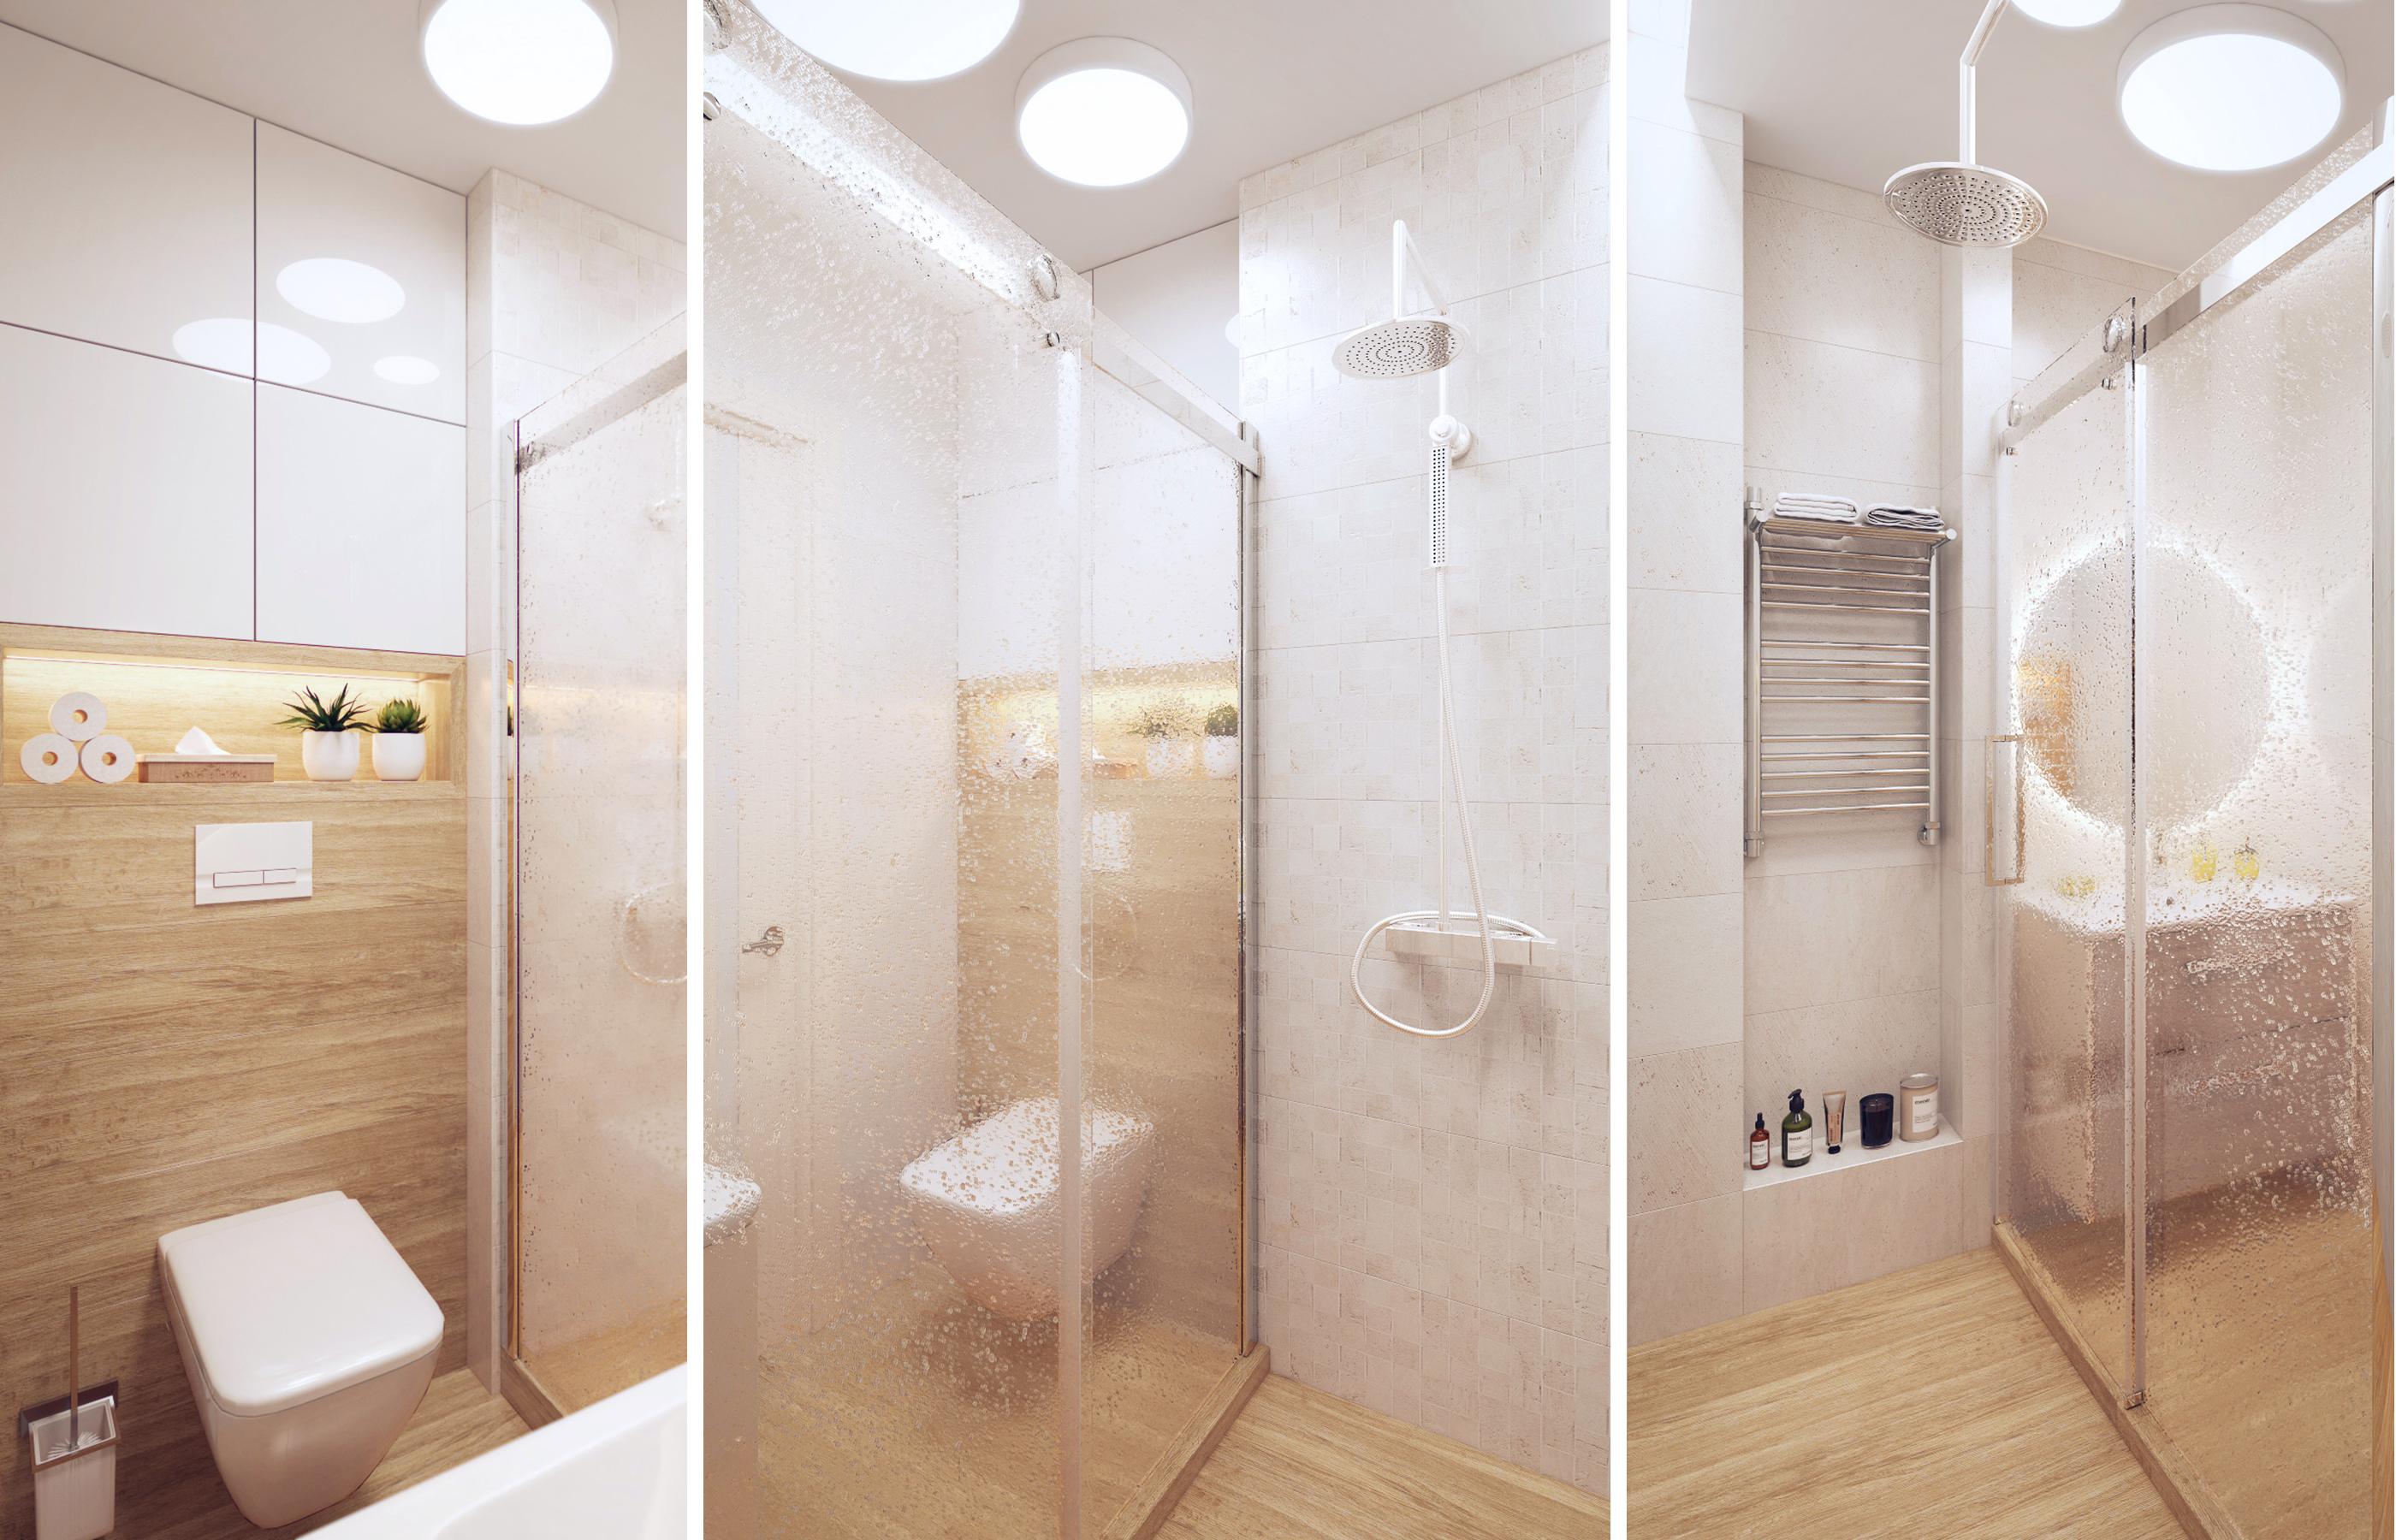 В санузле шкафы прячутся за квадратными декоративными панелями